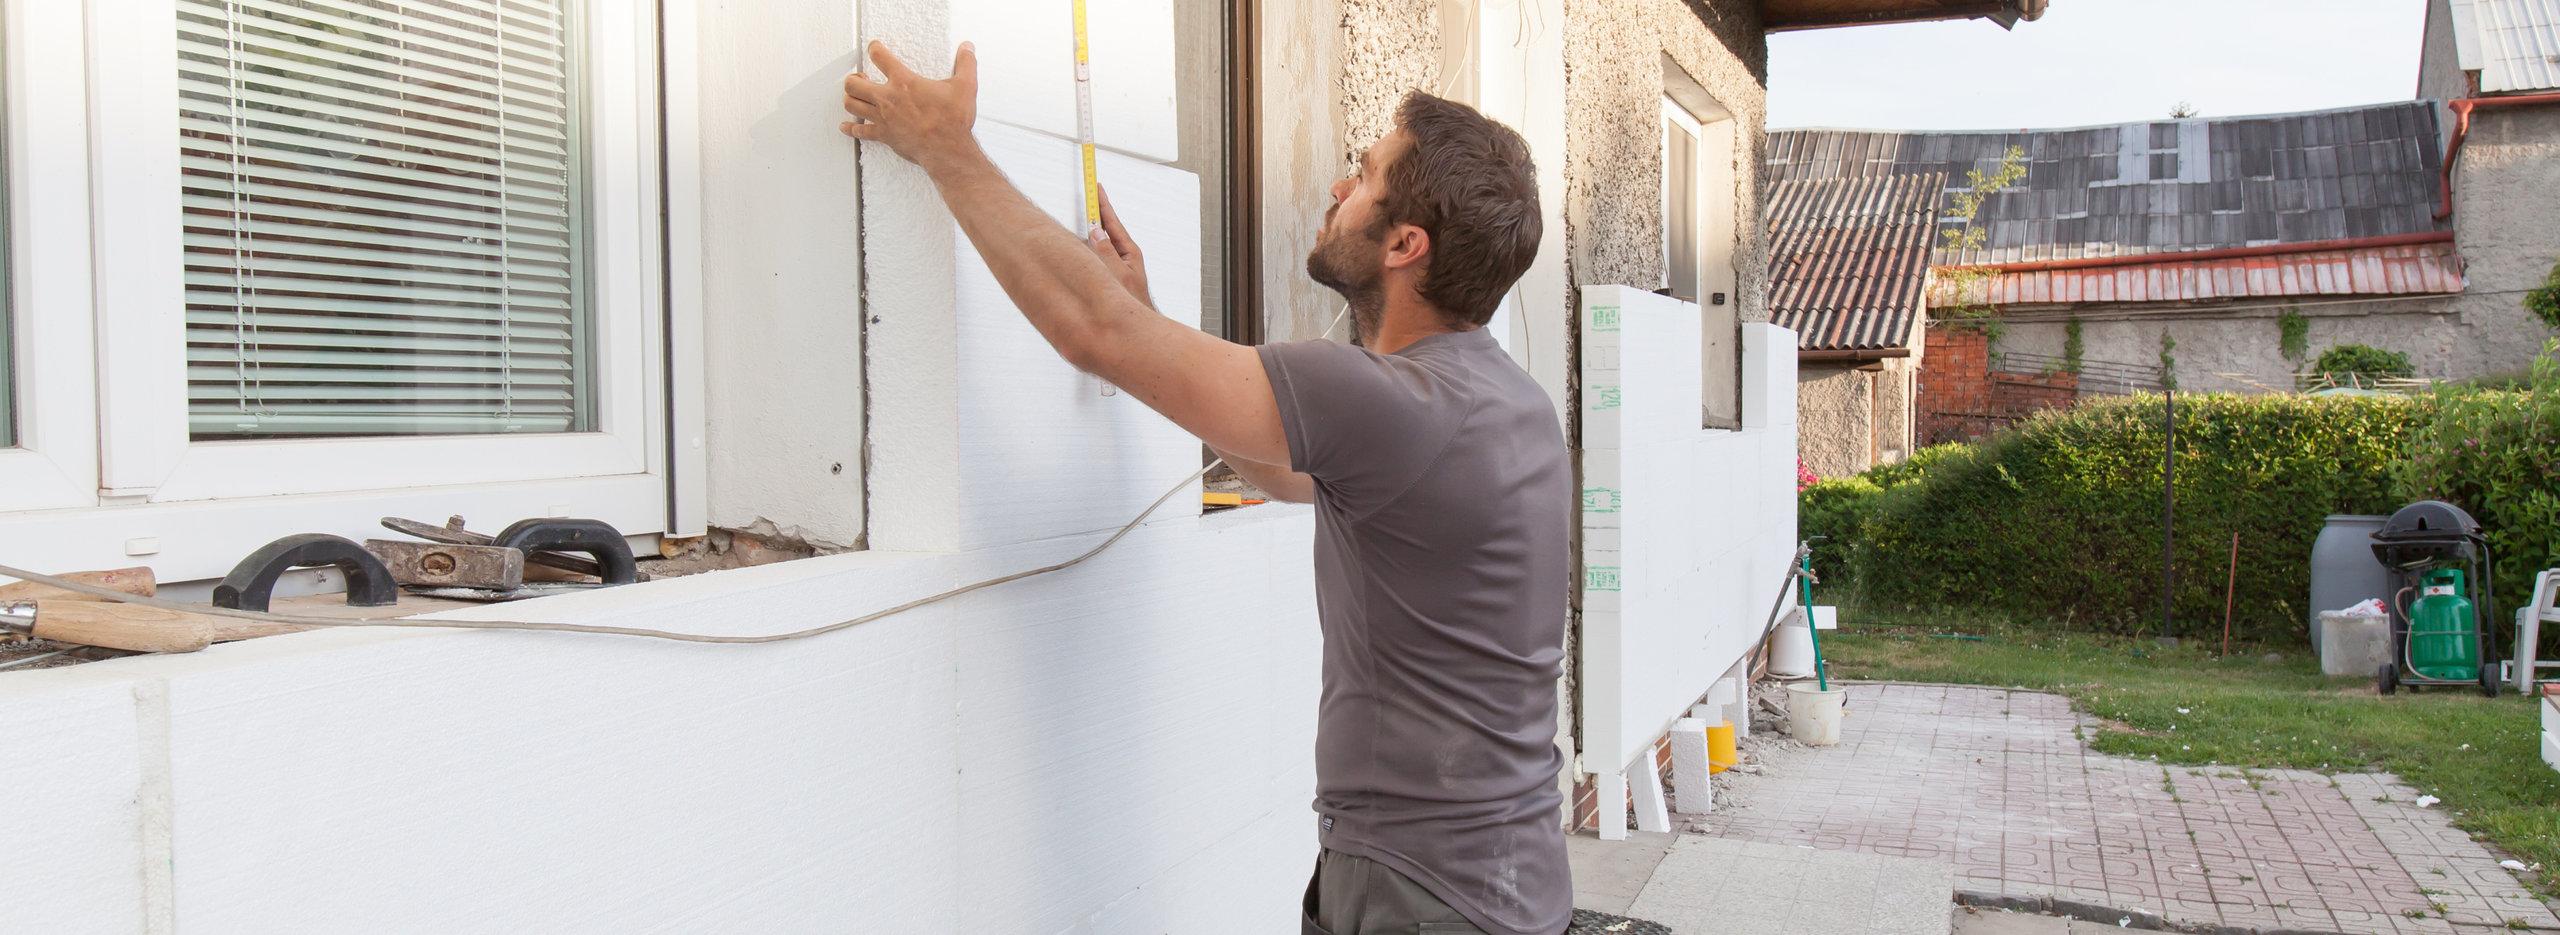 Métodos de mejora del aislamiento térmico en edificios